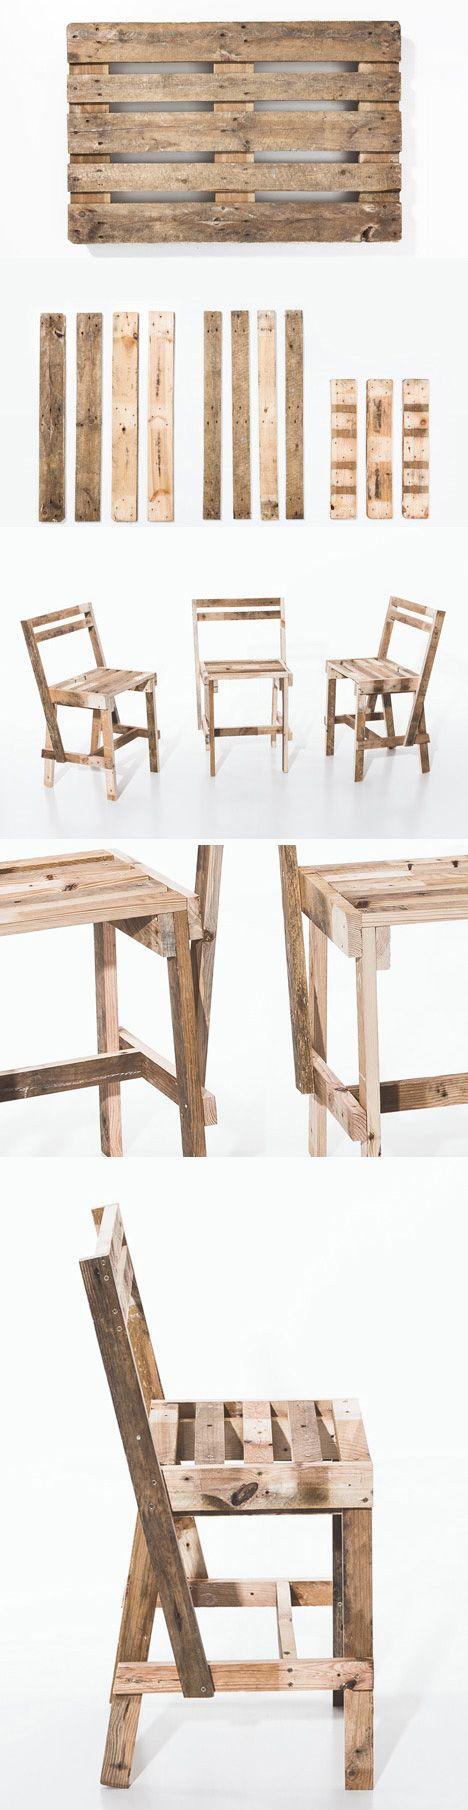 Transformer une #palette en chaise ! http://www.m-habitat.fr/tendances-et-couleurs/tendances-et-nouveautes/transformer-une-palette-en-meuble-de-rangement-3186_A